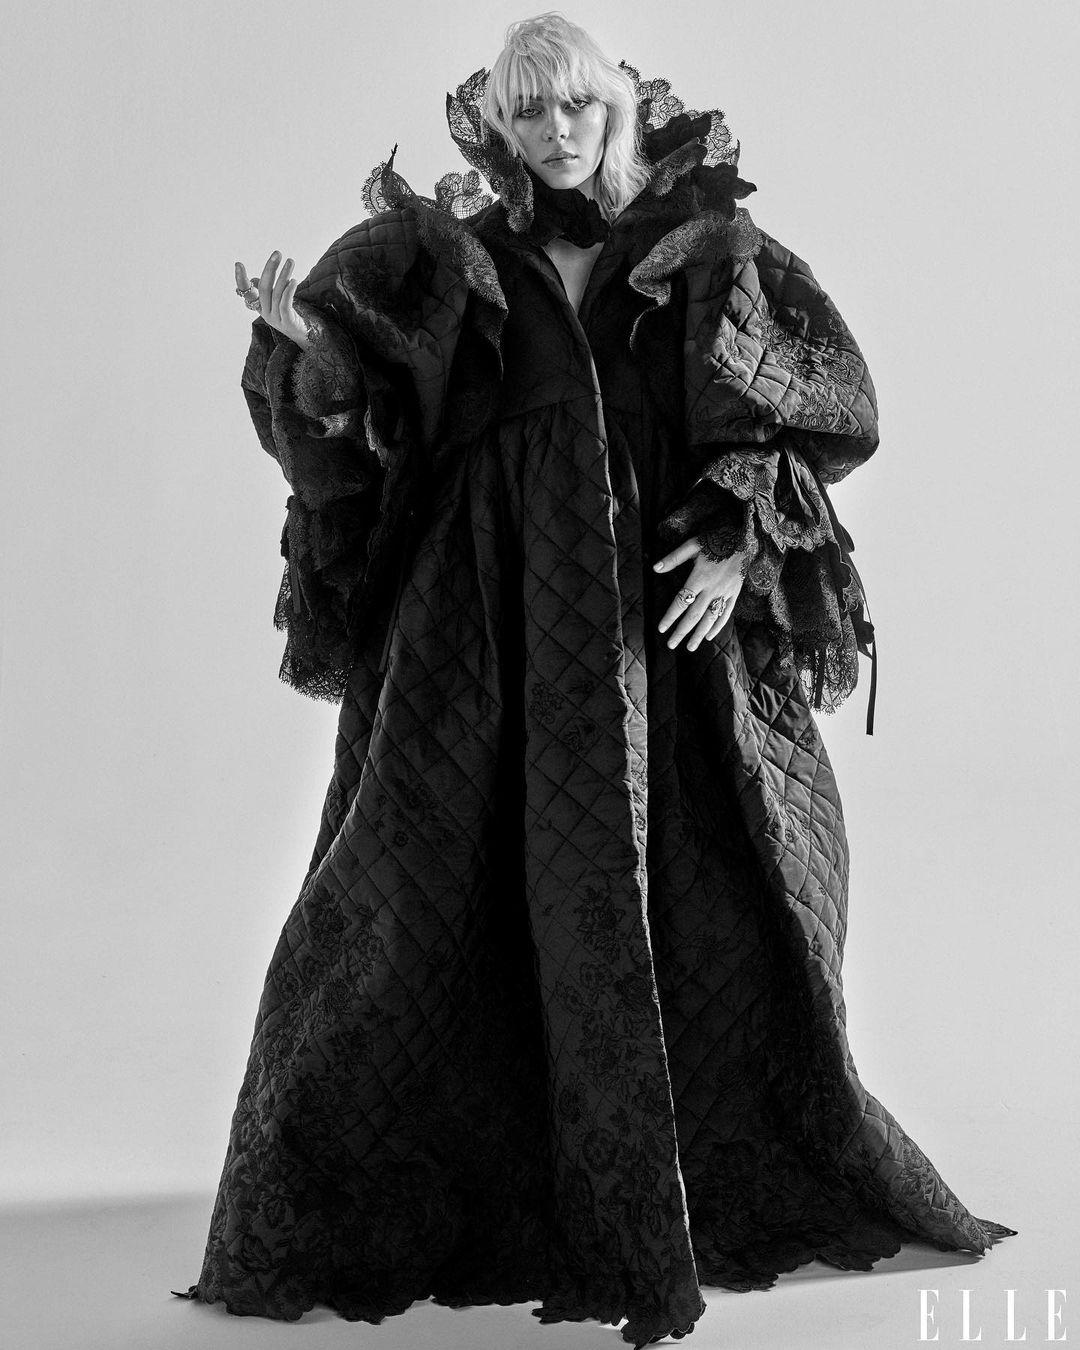 Билли Айлиш снялась в чувственной фотосессии для глянца - фото №3